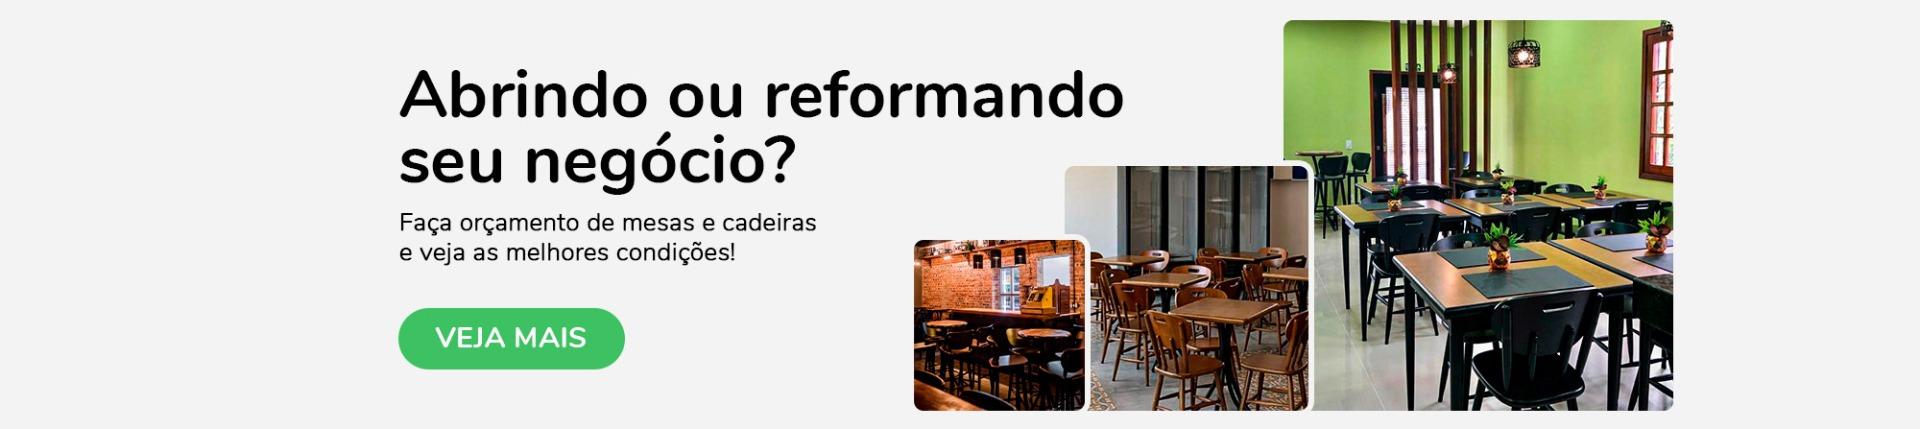 Abrindo ou reformando seu estabelecimento?